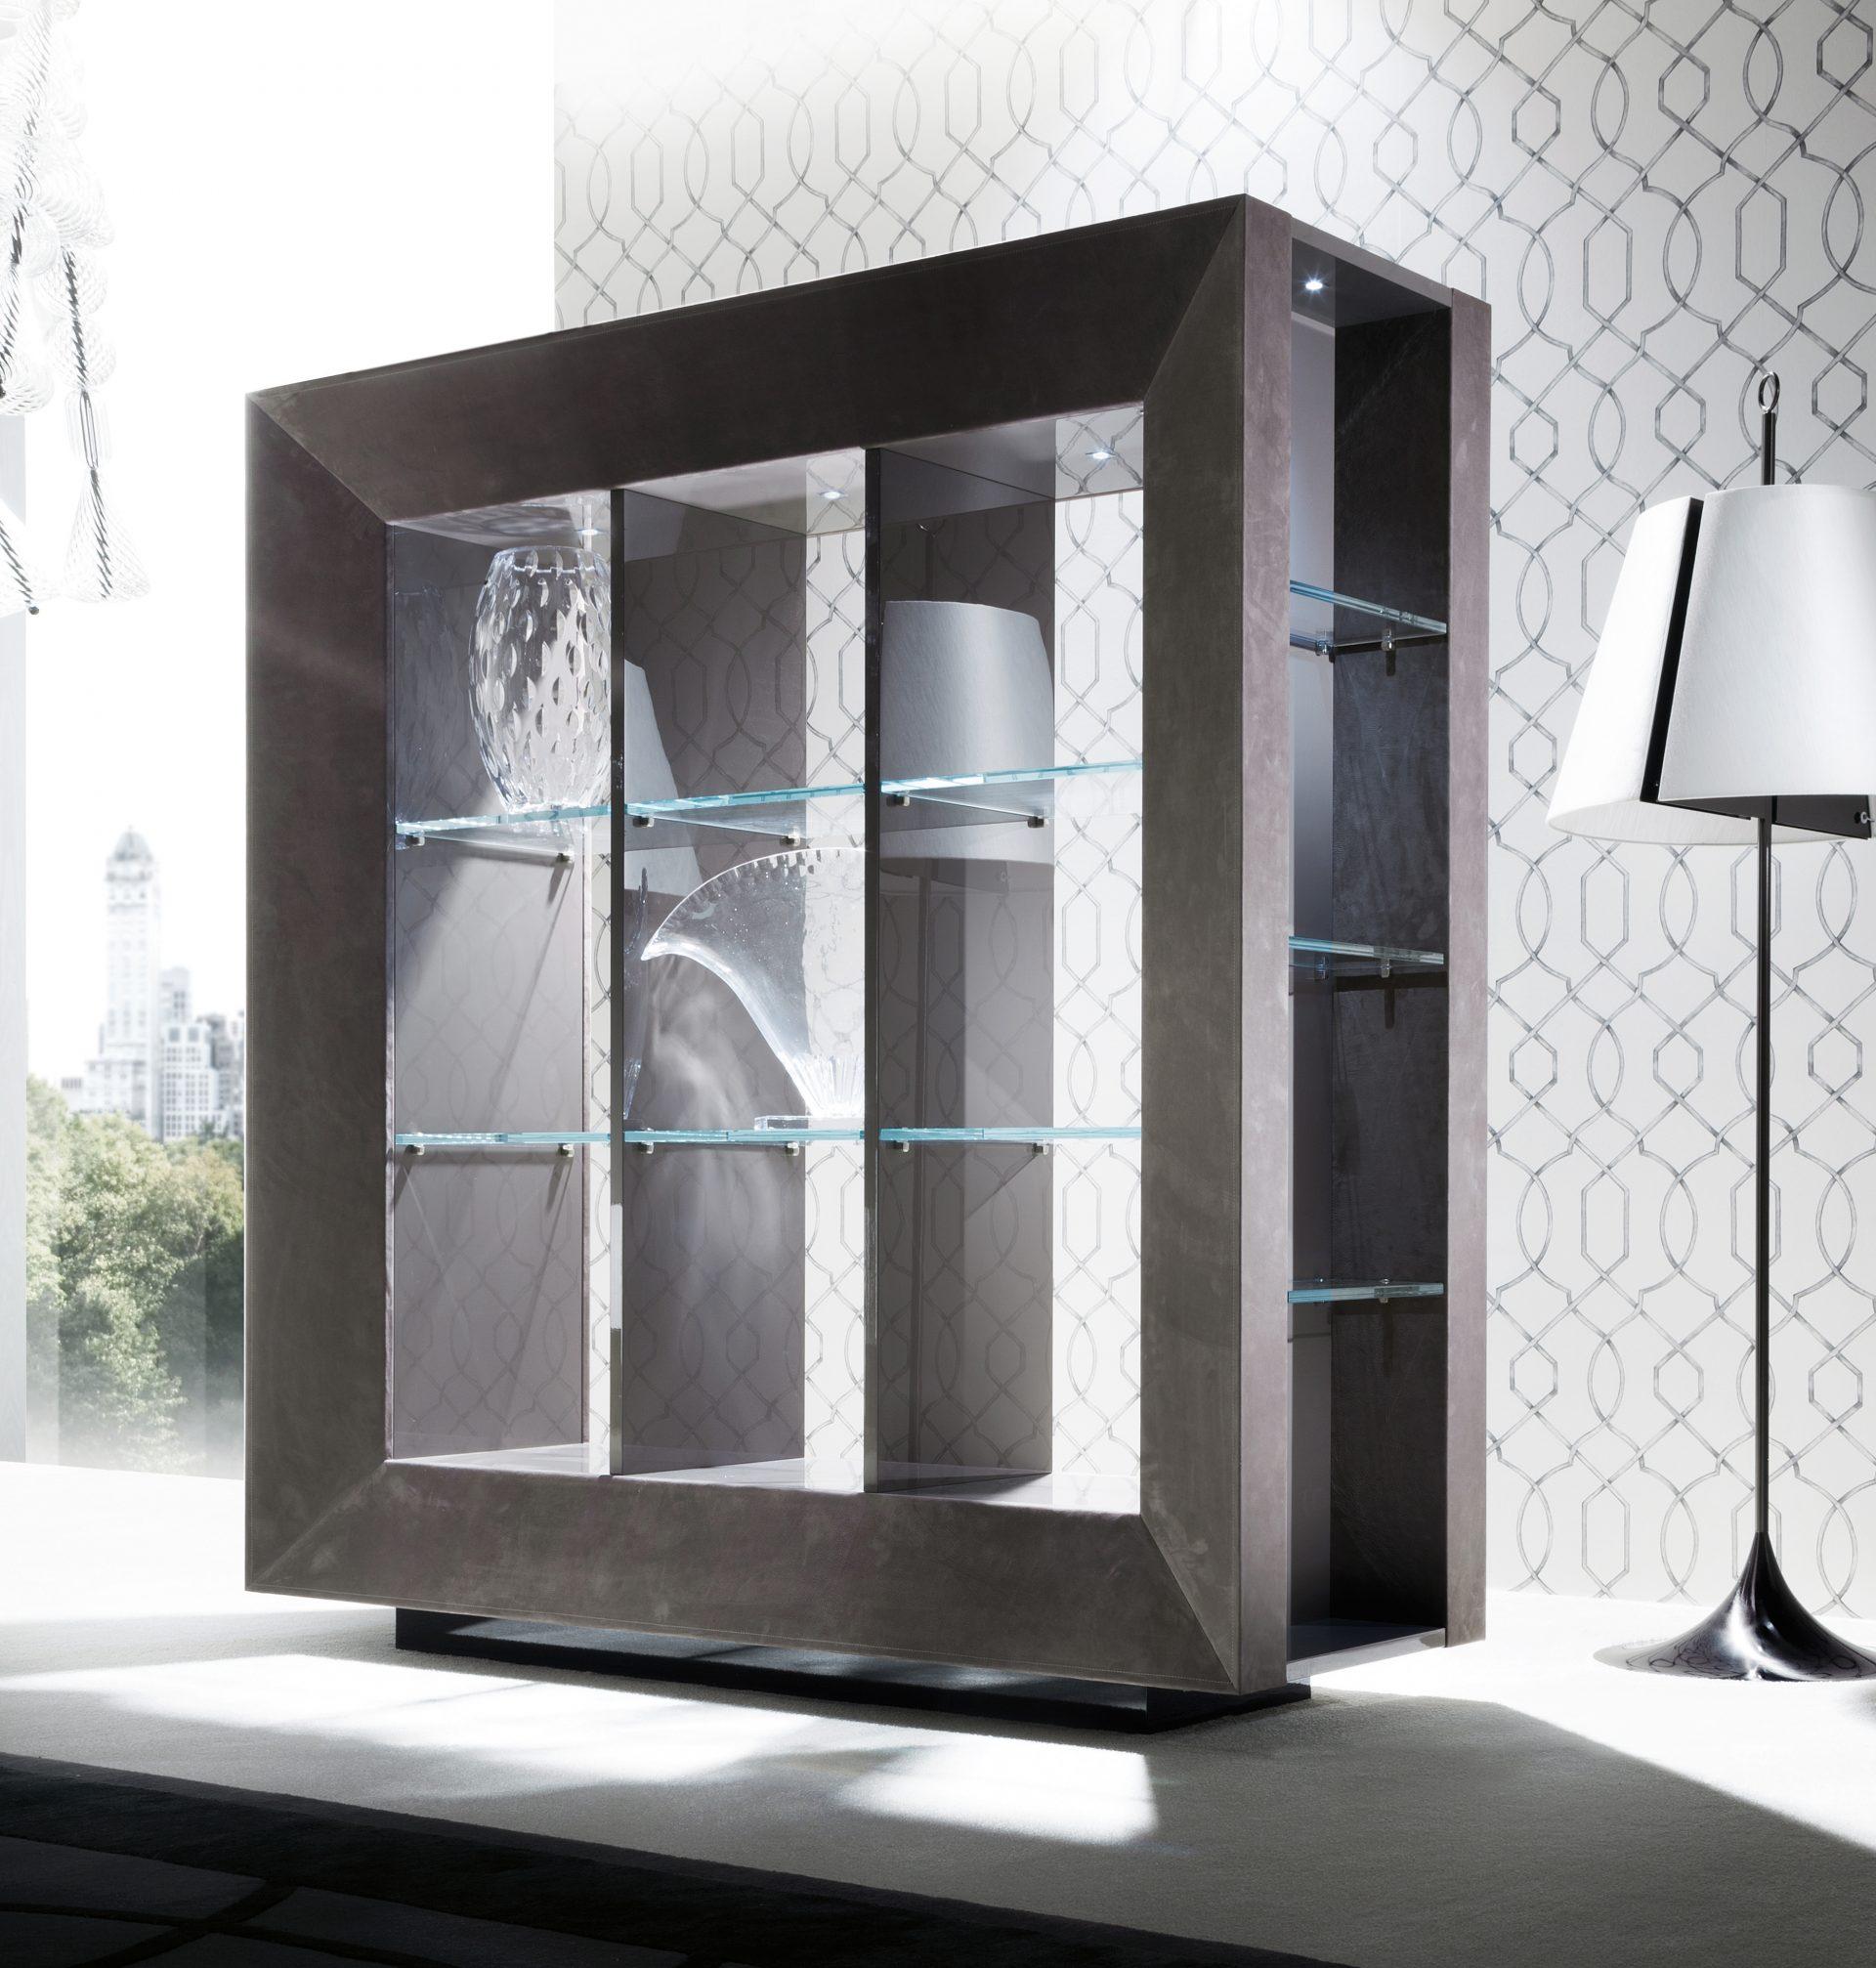 Vision Bifacial Display Cabinet